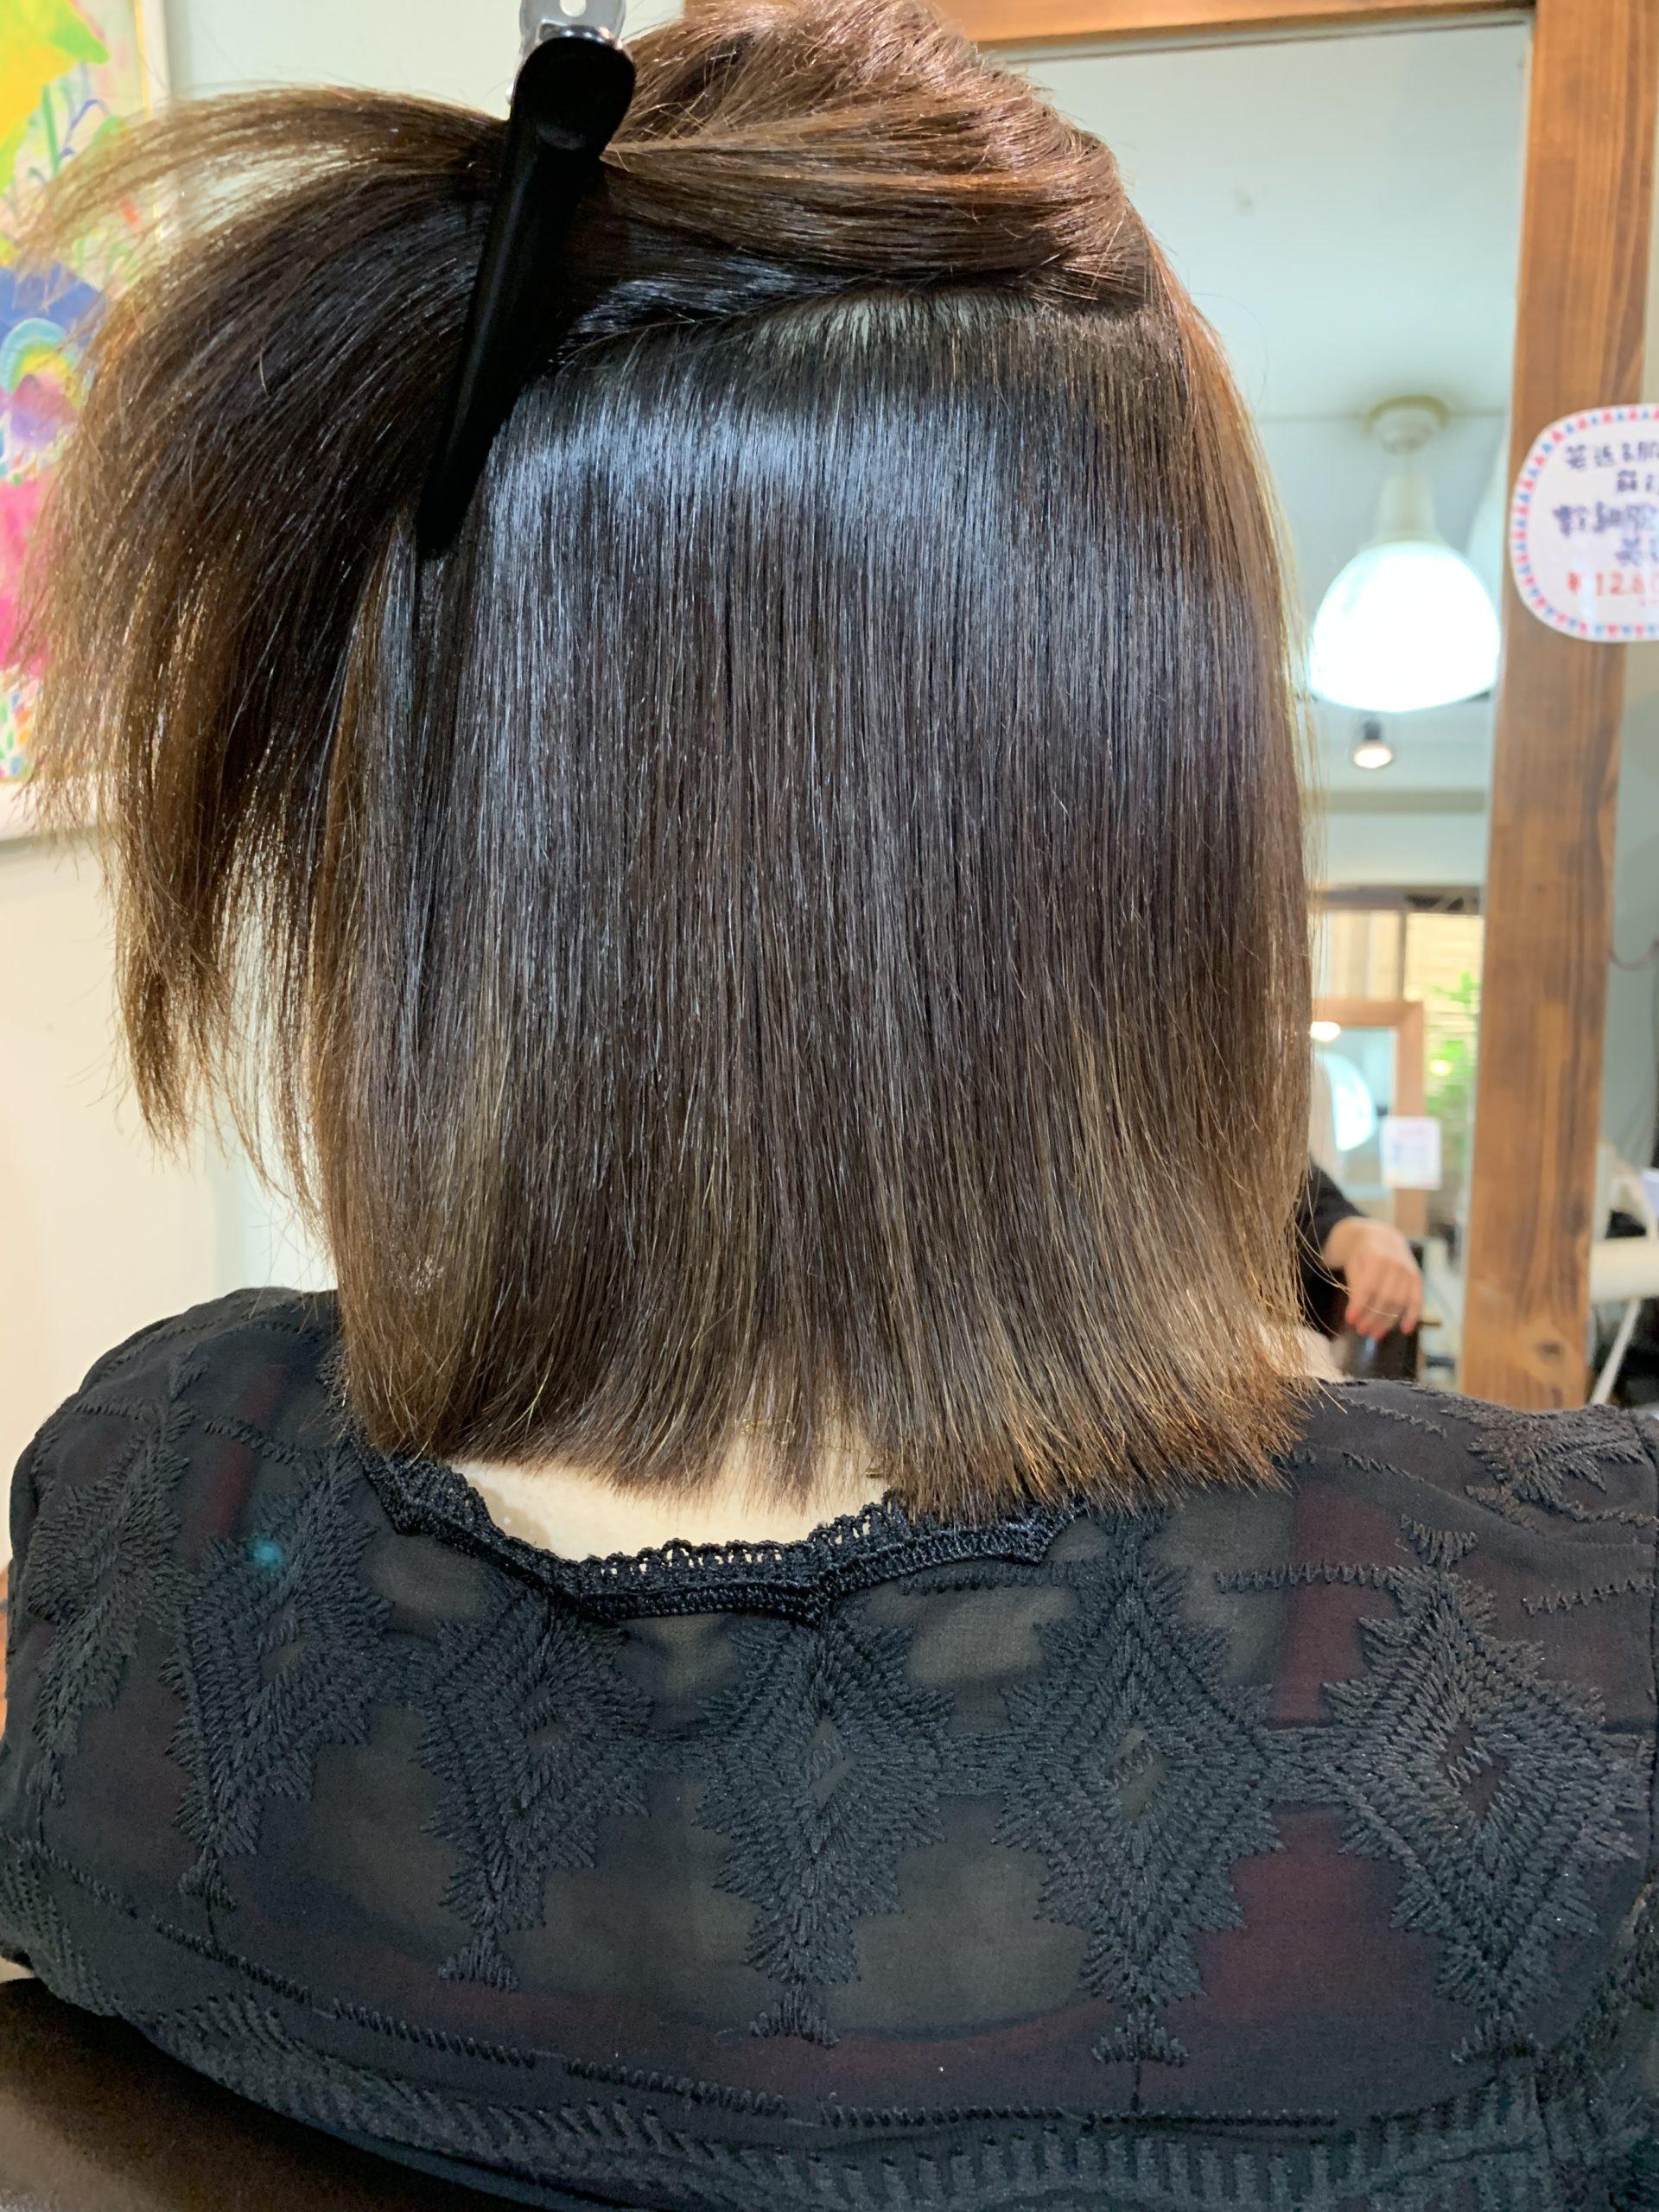 ハイライトがあっても縮毛矯正がしたい。 | 髪質改善 縮毛矯正が得意な ...